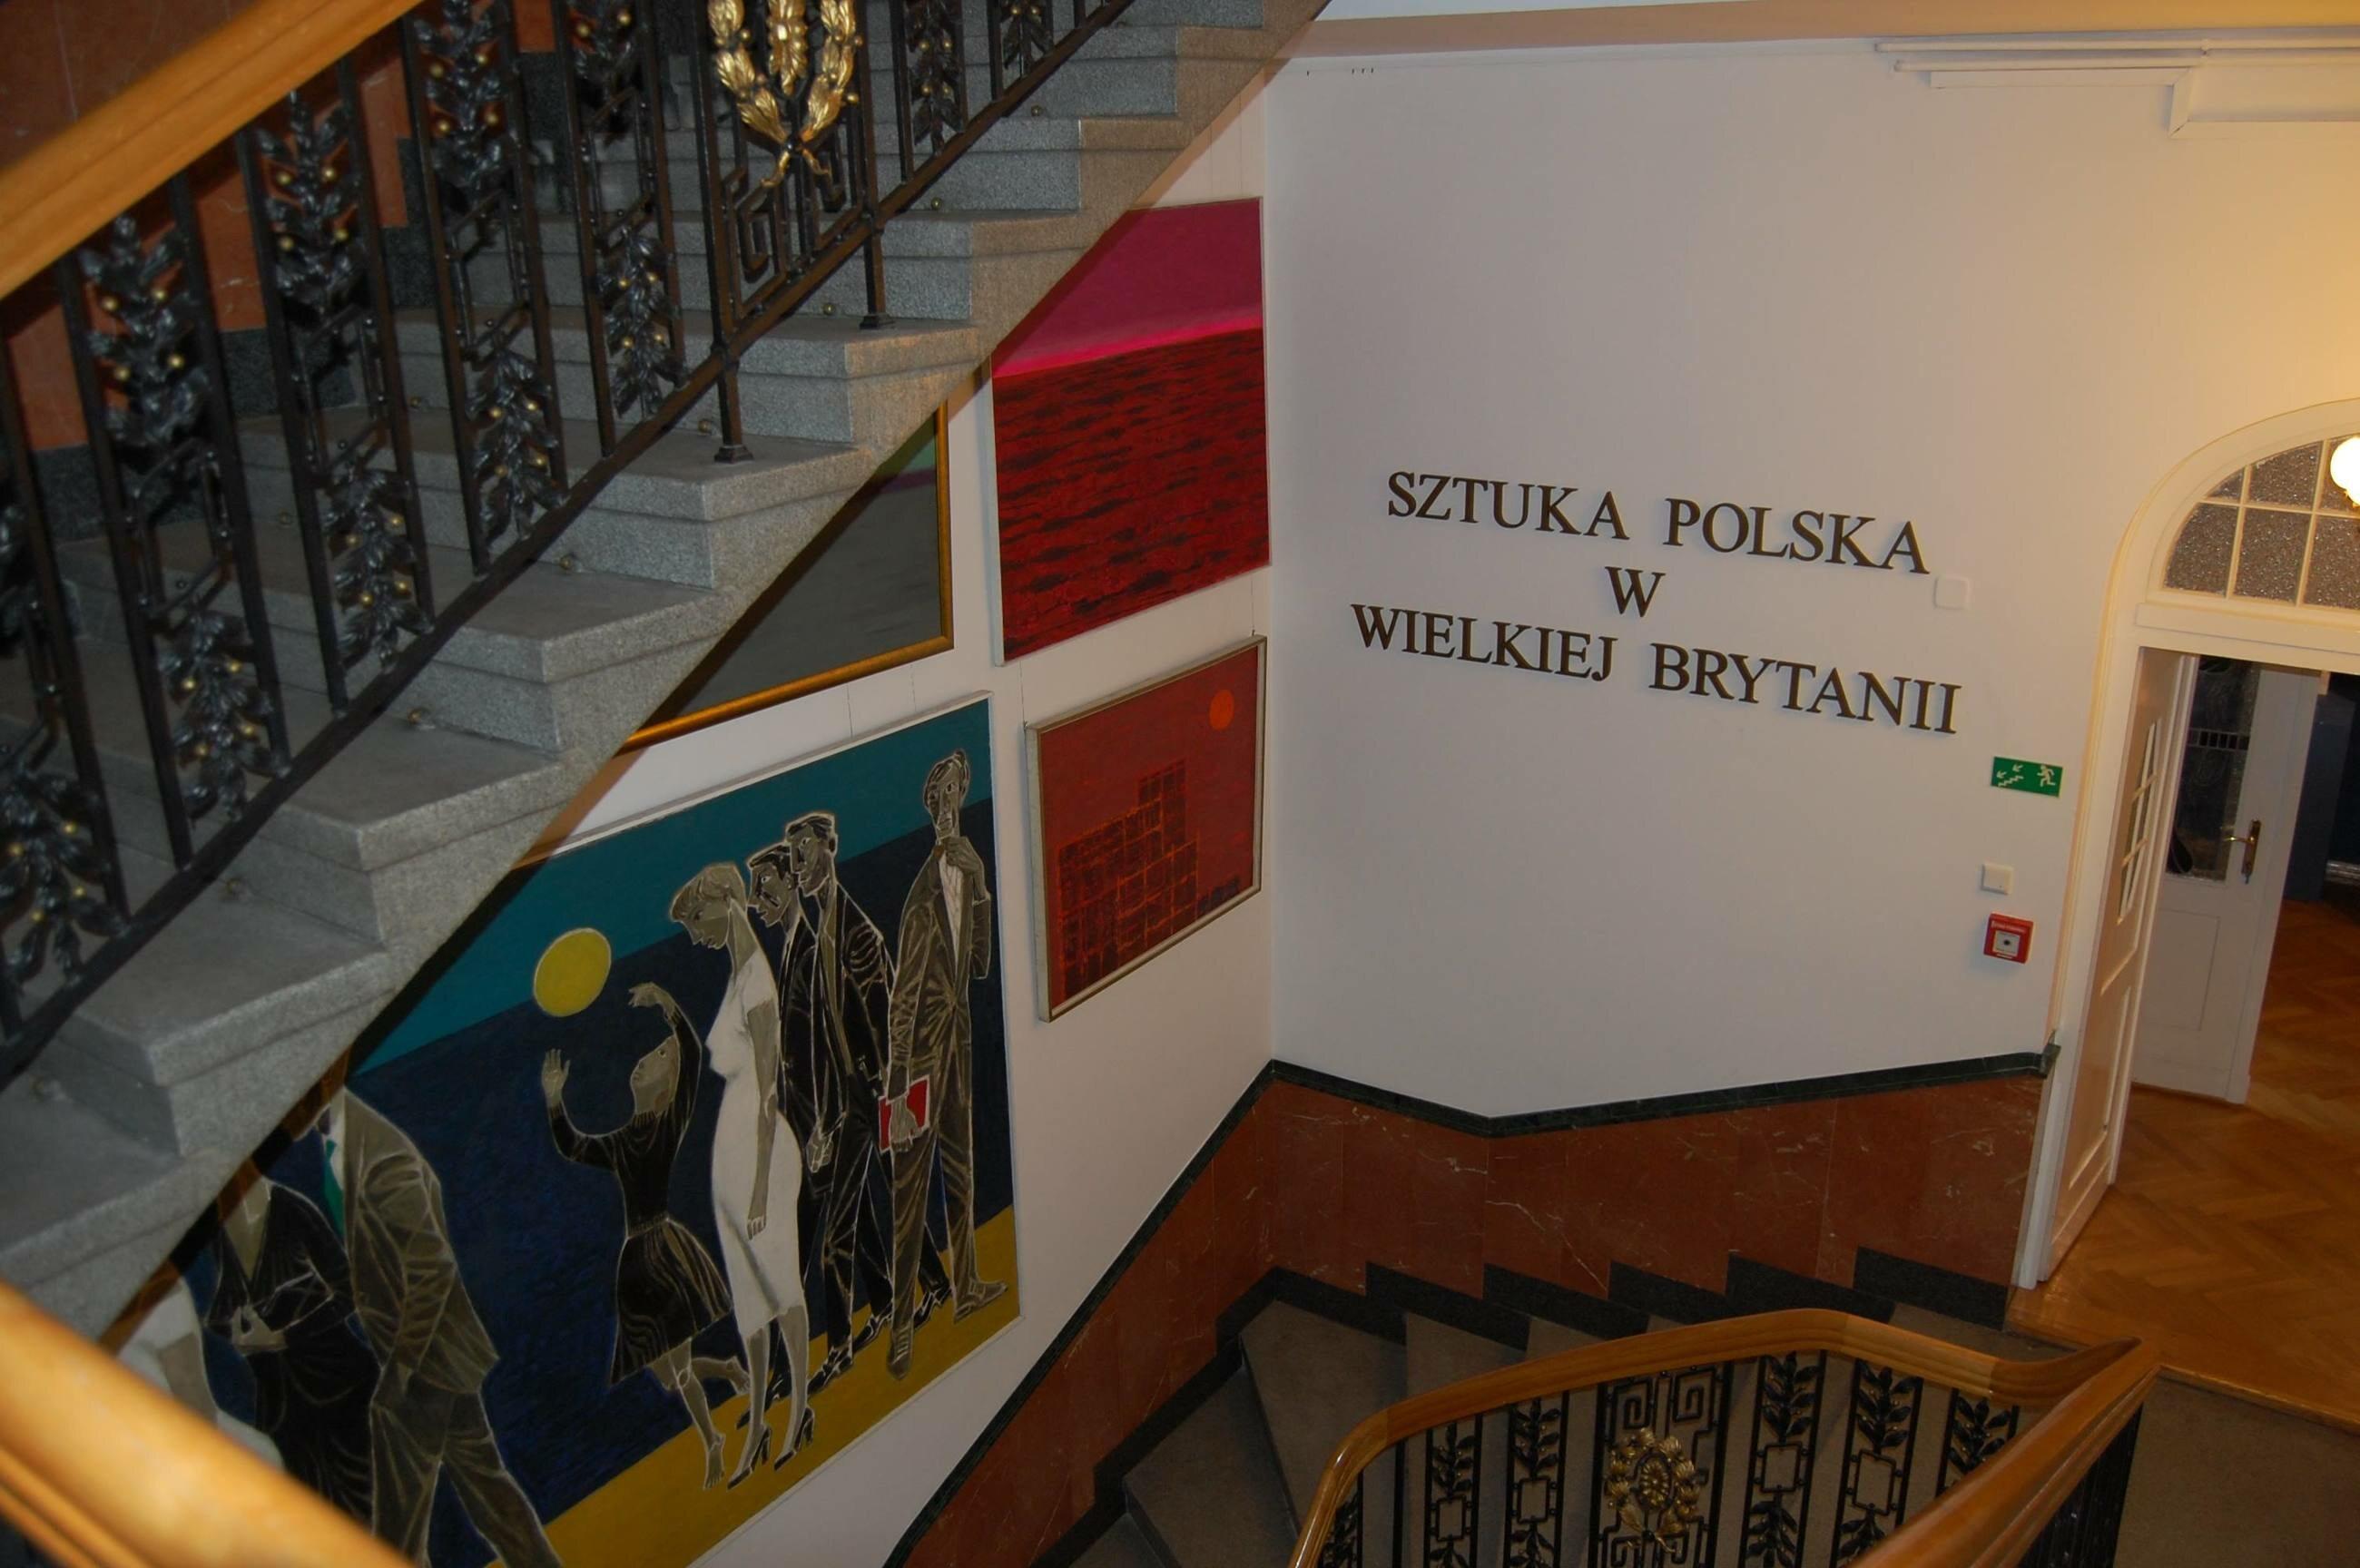 9 WSPANIAŁYCH: Sztuka polska w Wielkiej Brytanii w XX wieku/ fot. Prof. Mirosław Supruniuk